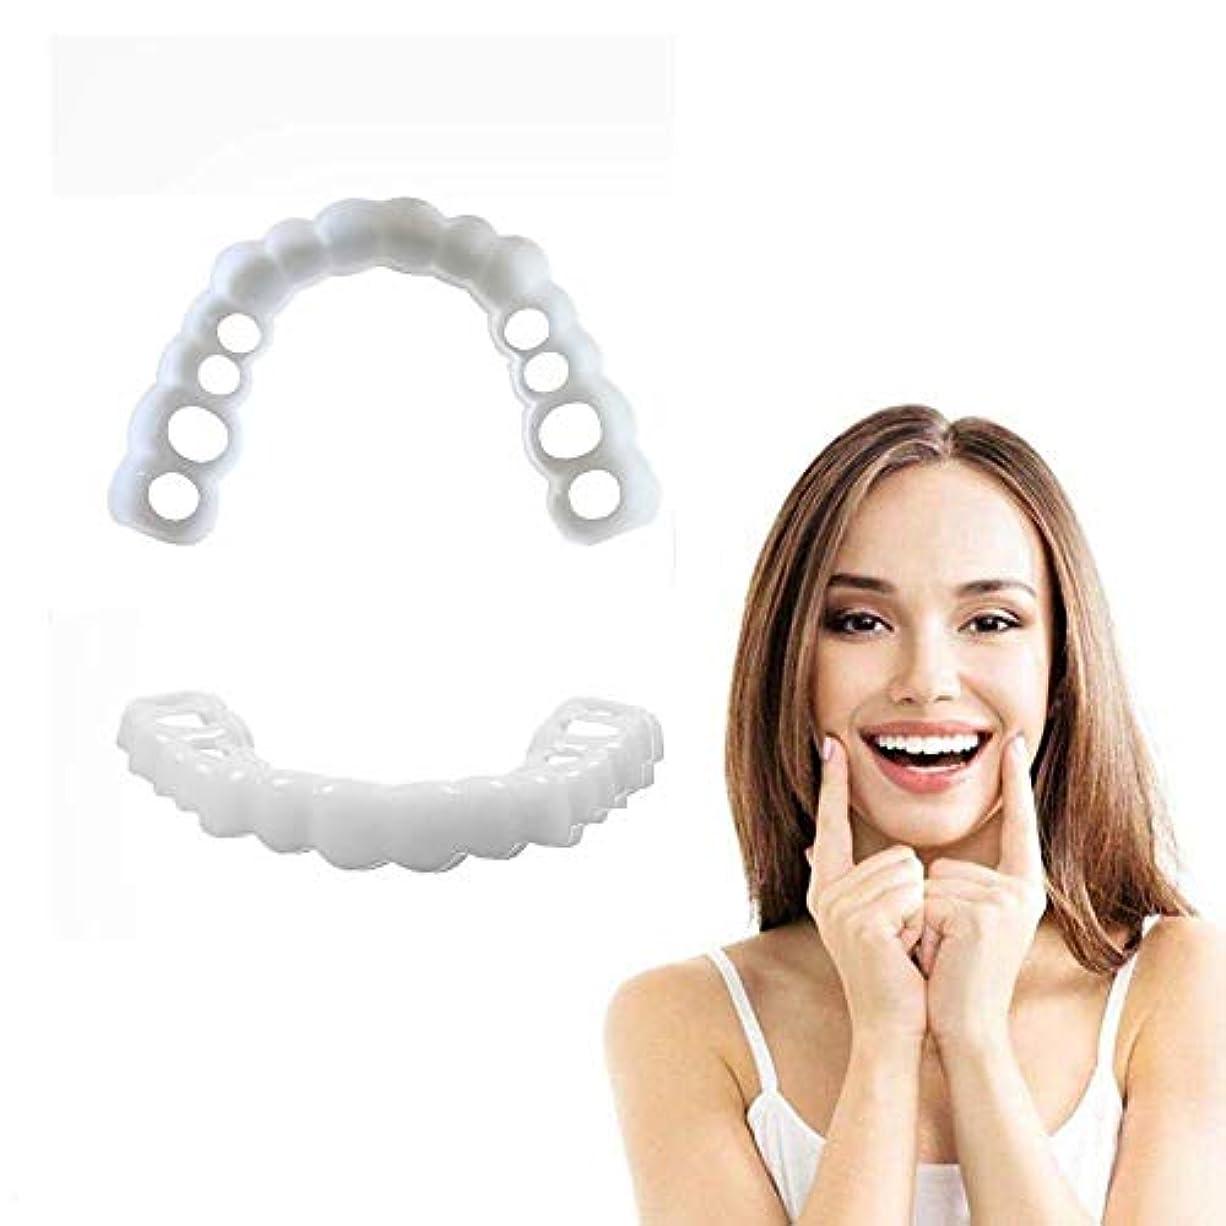 クリックモスク基礎2対の歯義歯歯用化粧品テンポラリースマイルコンフォートフィット化粧品用義歯(ホワイト),7Pairs